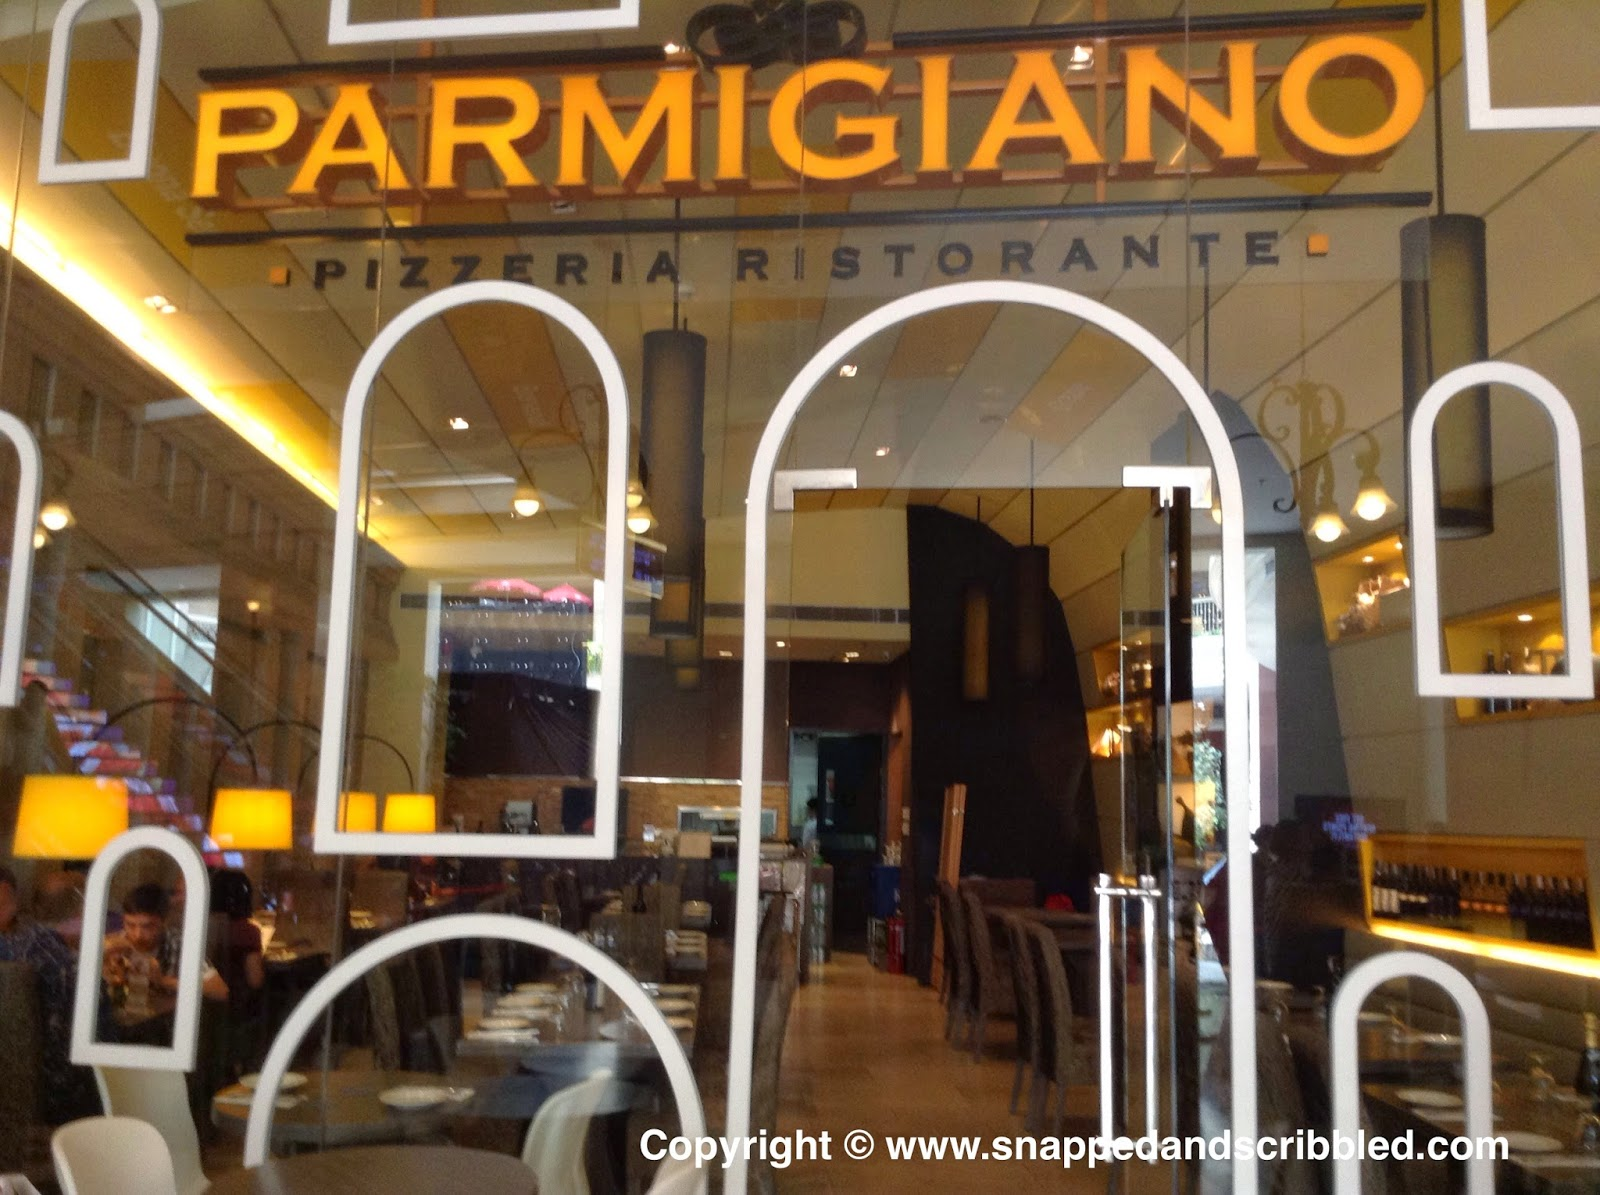 Buon Appetito: Parmigiano Pizzeria Ristorante